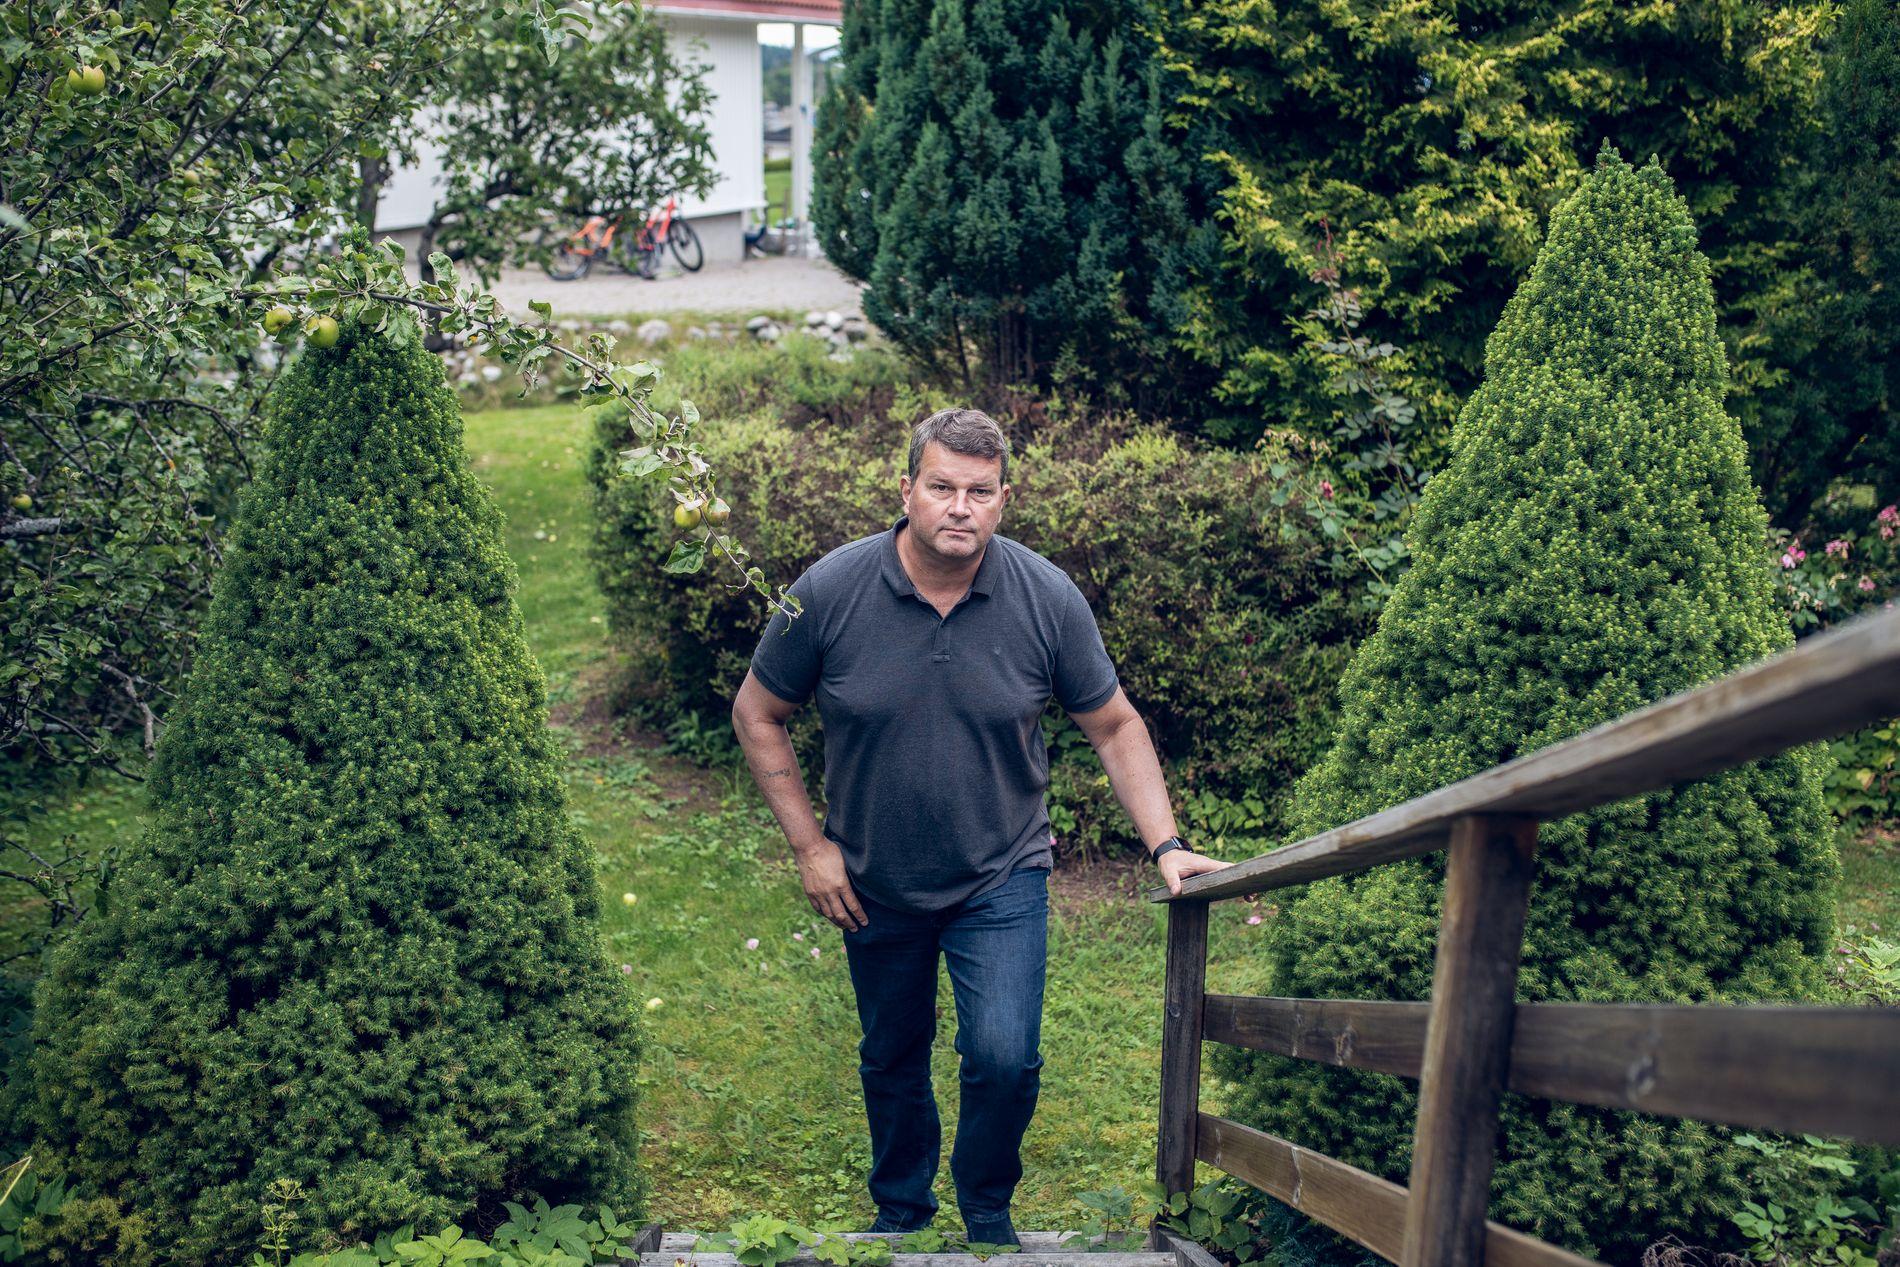 SOMMERLETT: Hans-Christian Gabrielsen tok sommerkledt imot VG på sin egen terrasse foran eneboligen til familien på Slemmestad i Røyken kommune. Budskapet var tungt og rødgrønt.